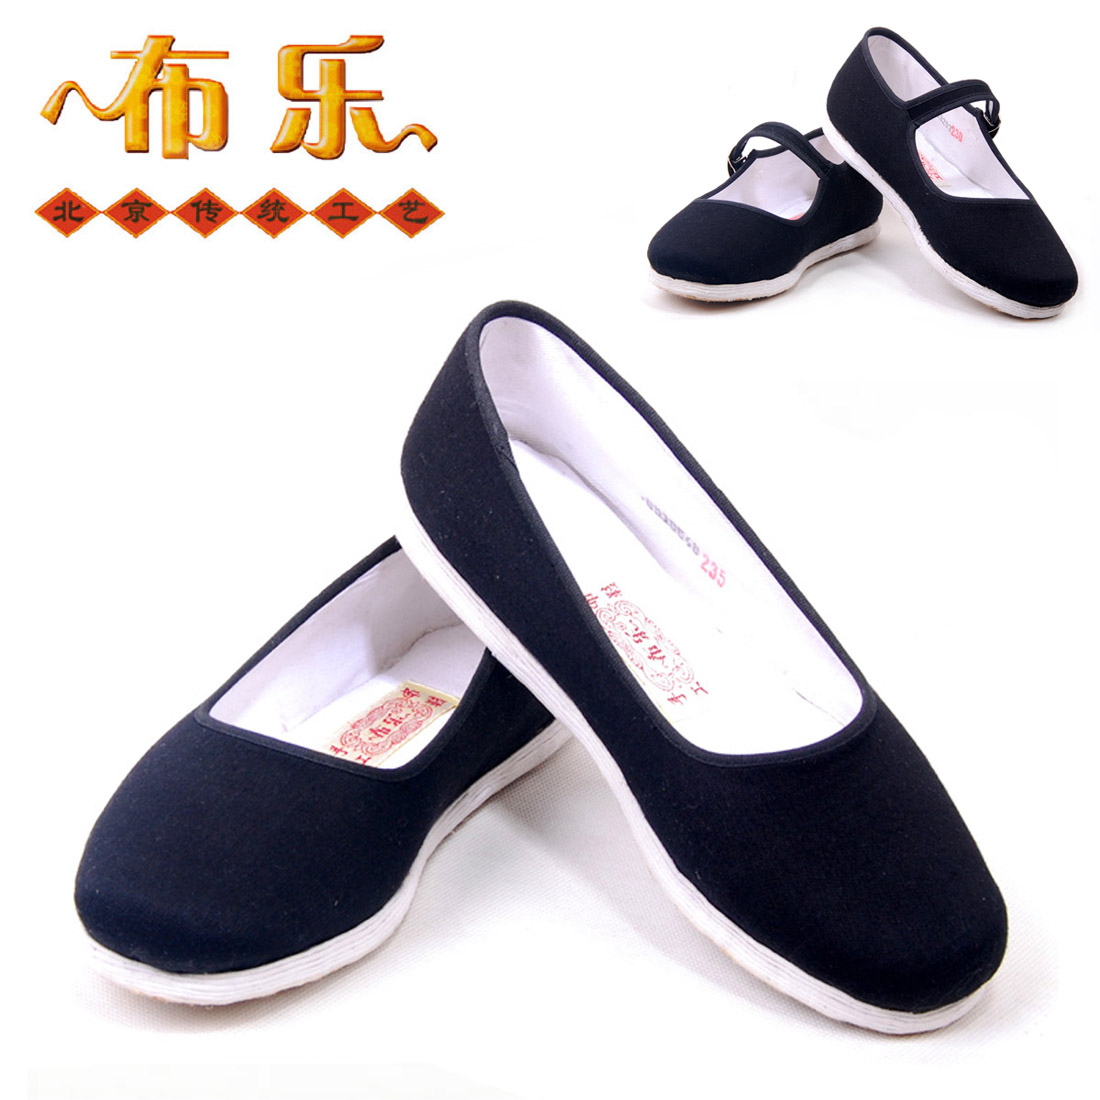 正品老北京布鞋女款 纯手工千层底女鞋 日常休闲办公鞋 低帮透气